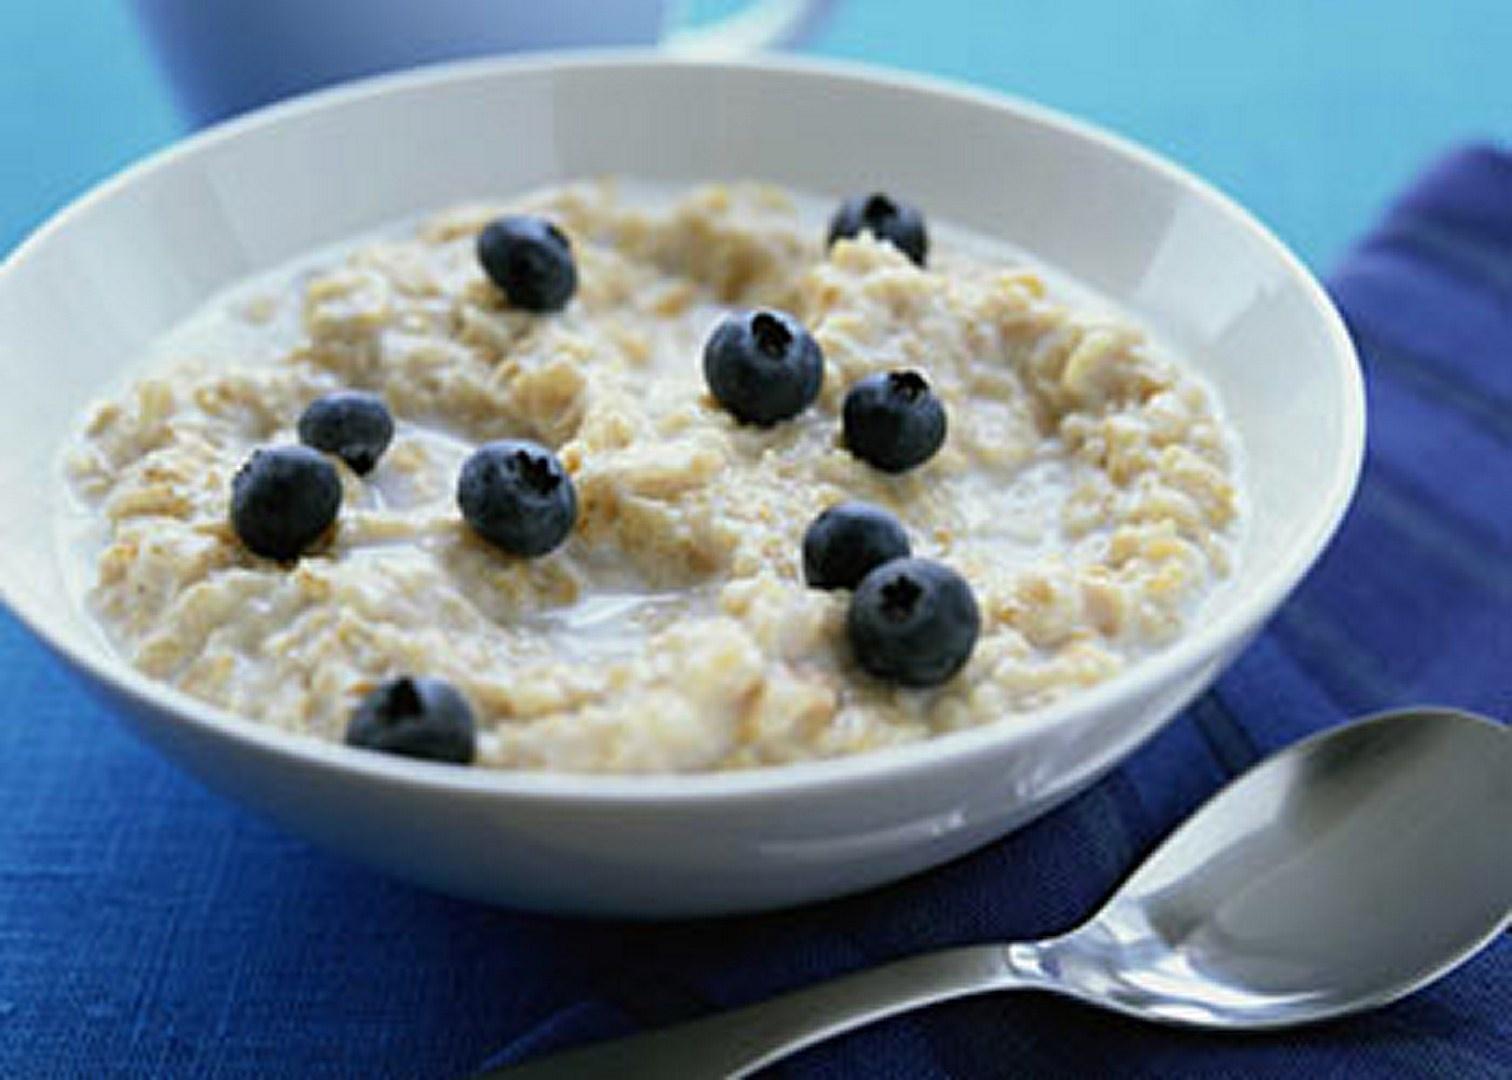 ТОП лучших продуктов для завтрака